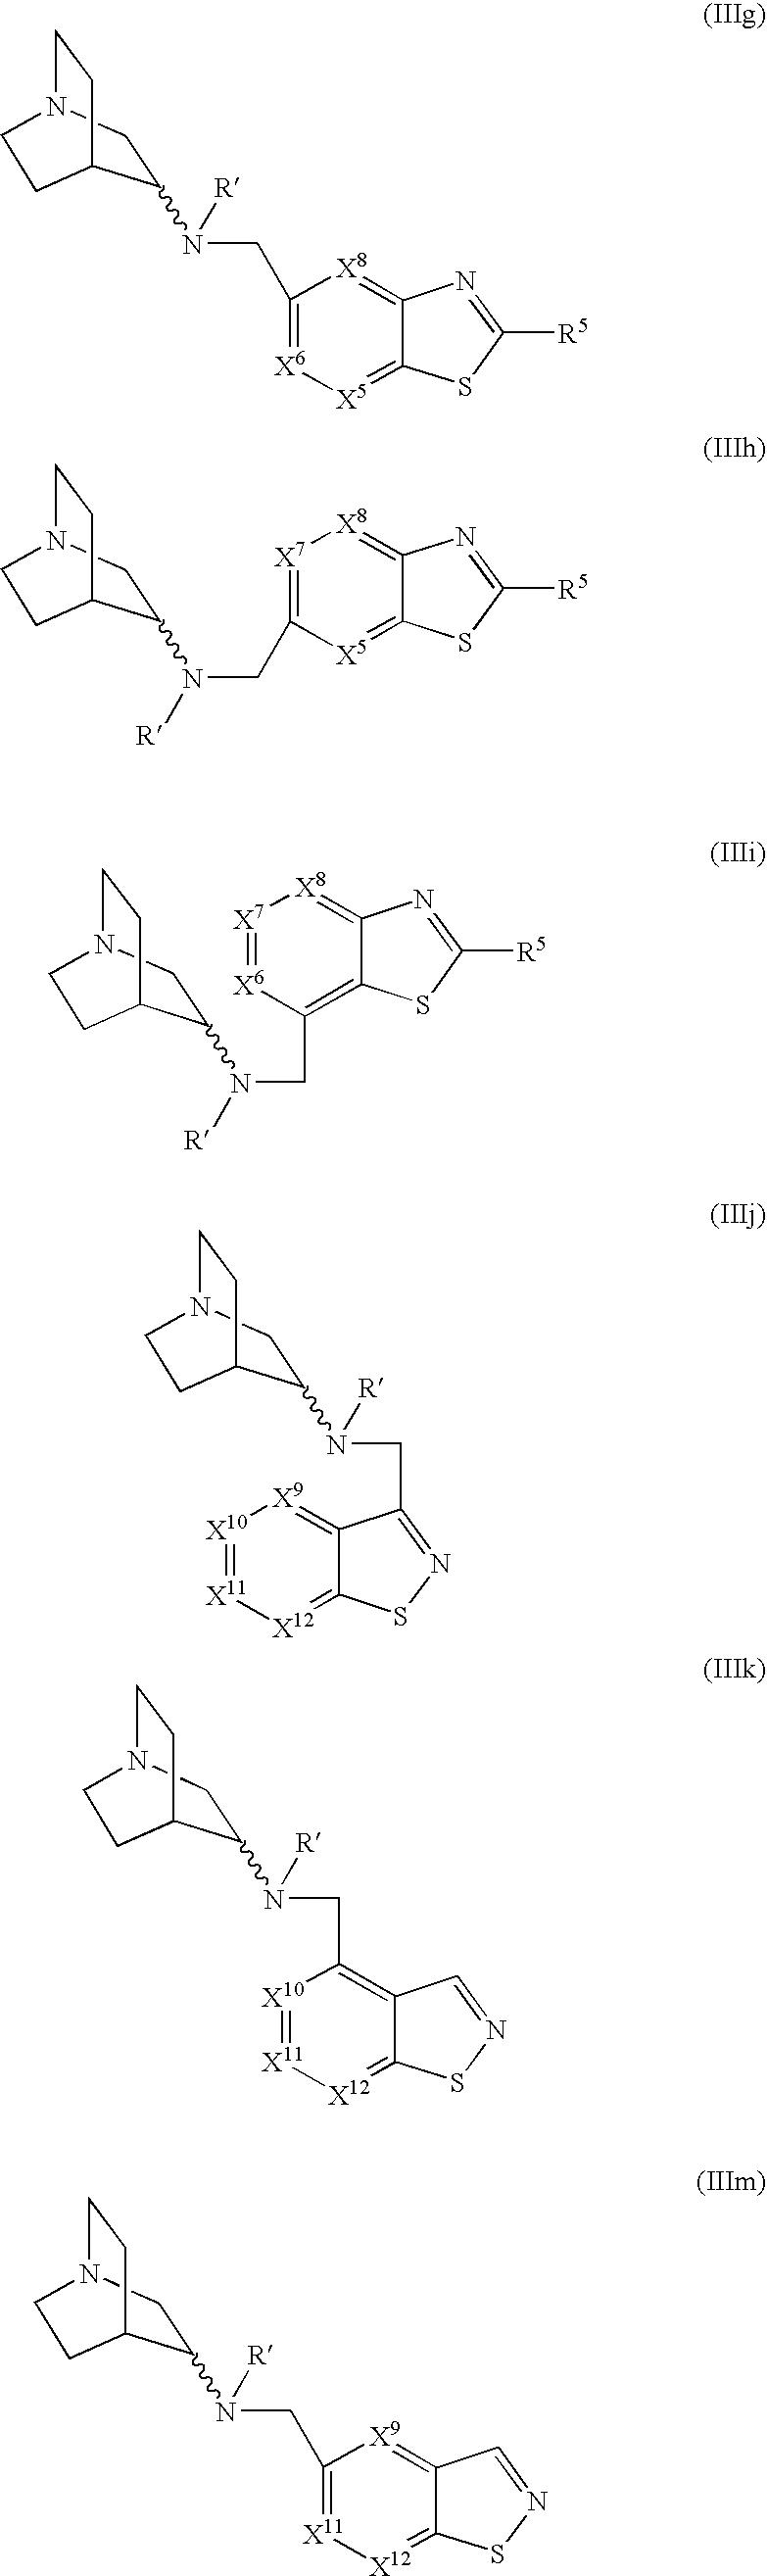 Figure US08106066-20120131-C00021